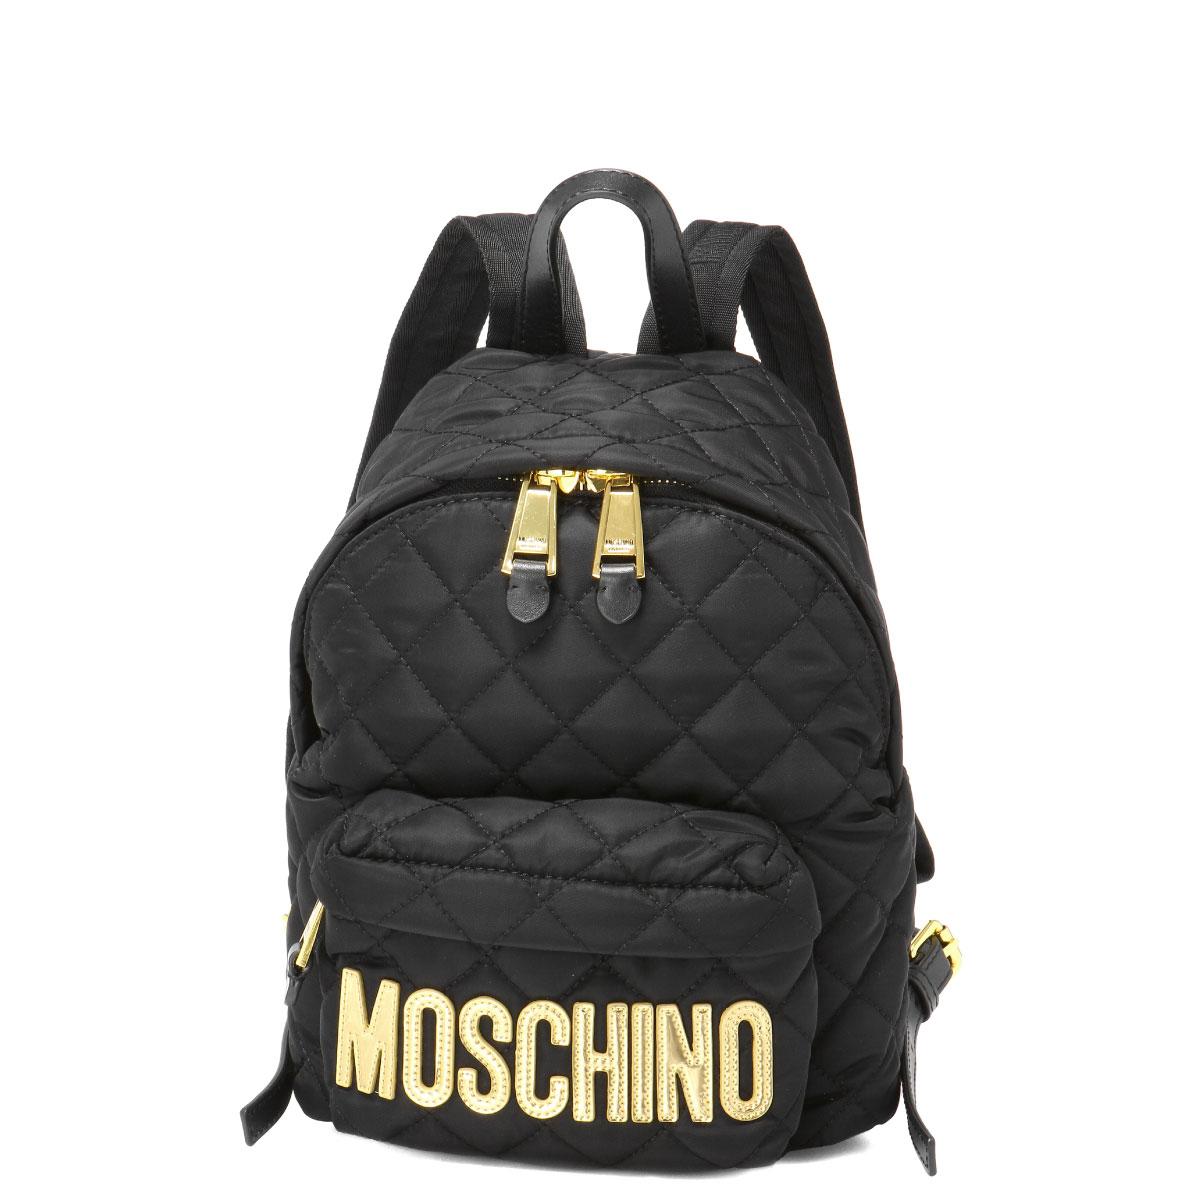 モスキーノ MOSCHINO バッグ レディース B7608 8201 2555 バックパック BLACK ブラック